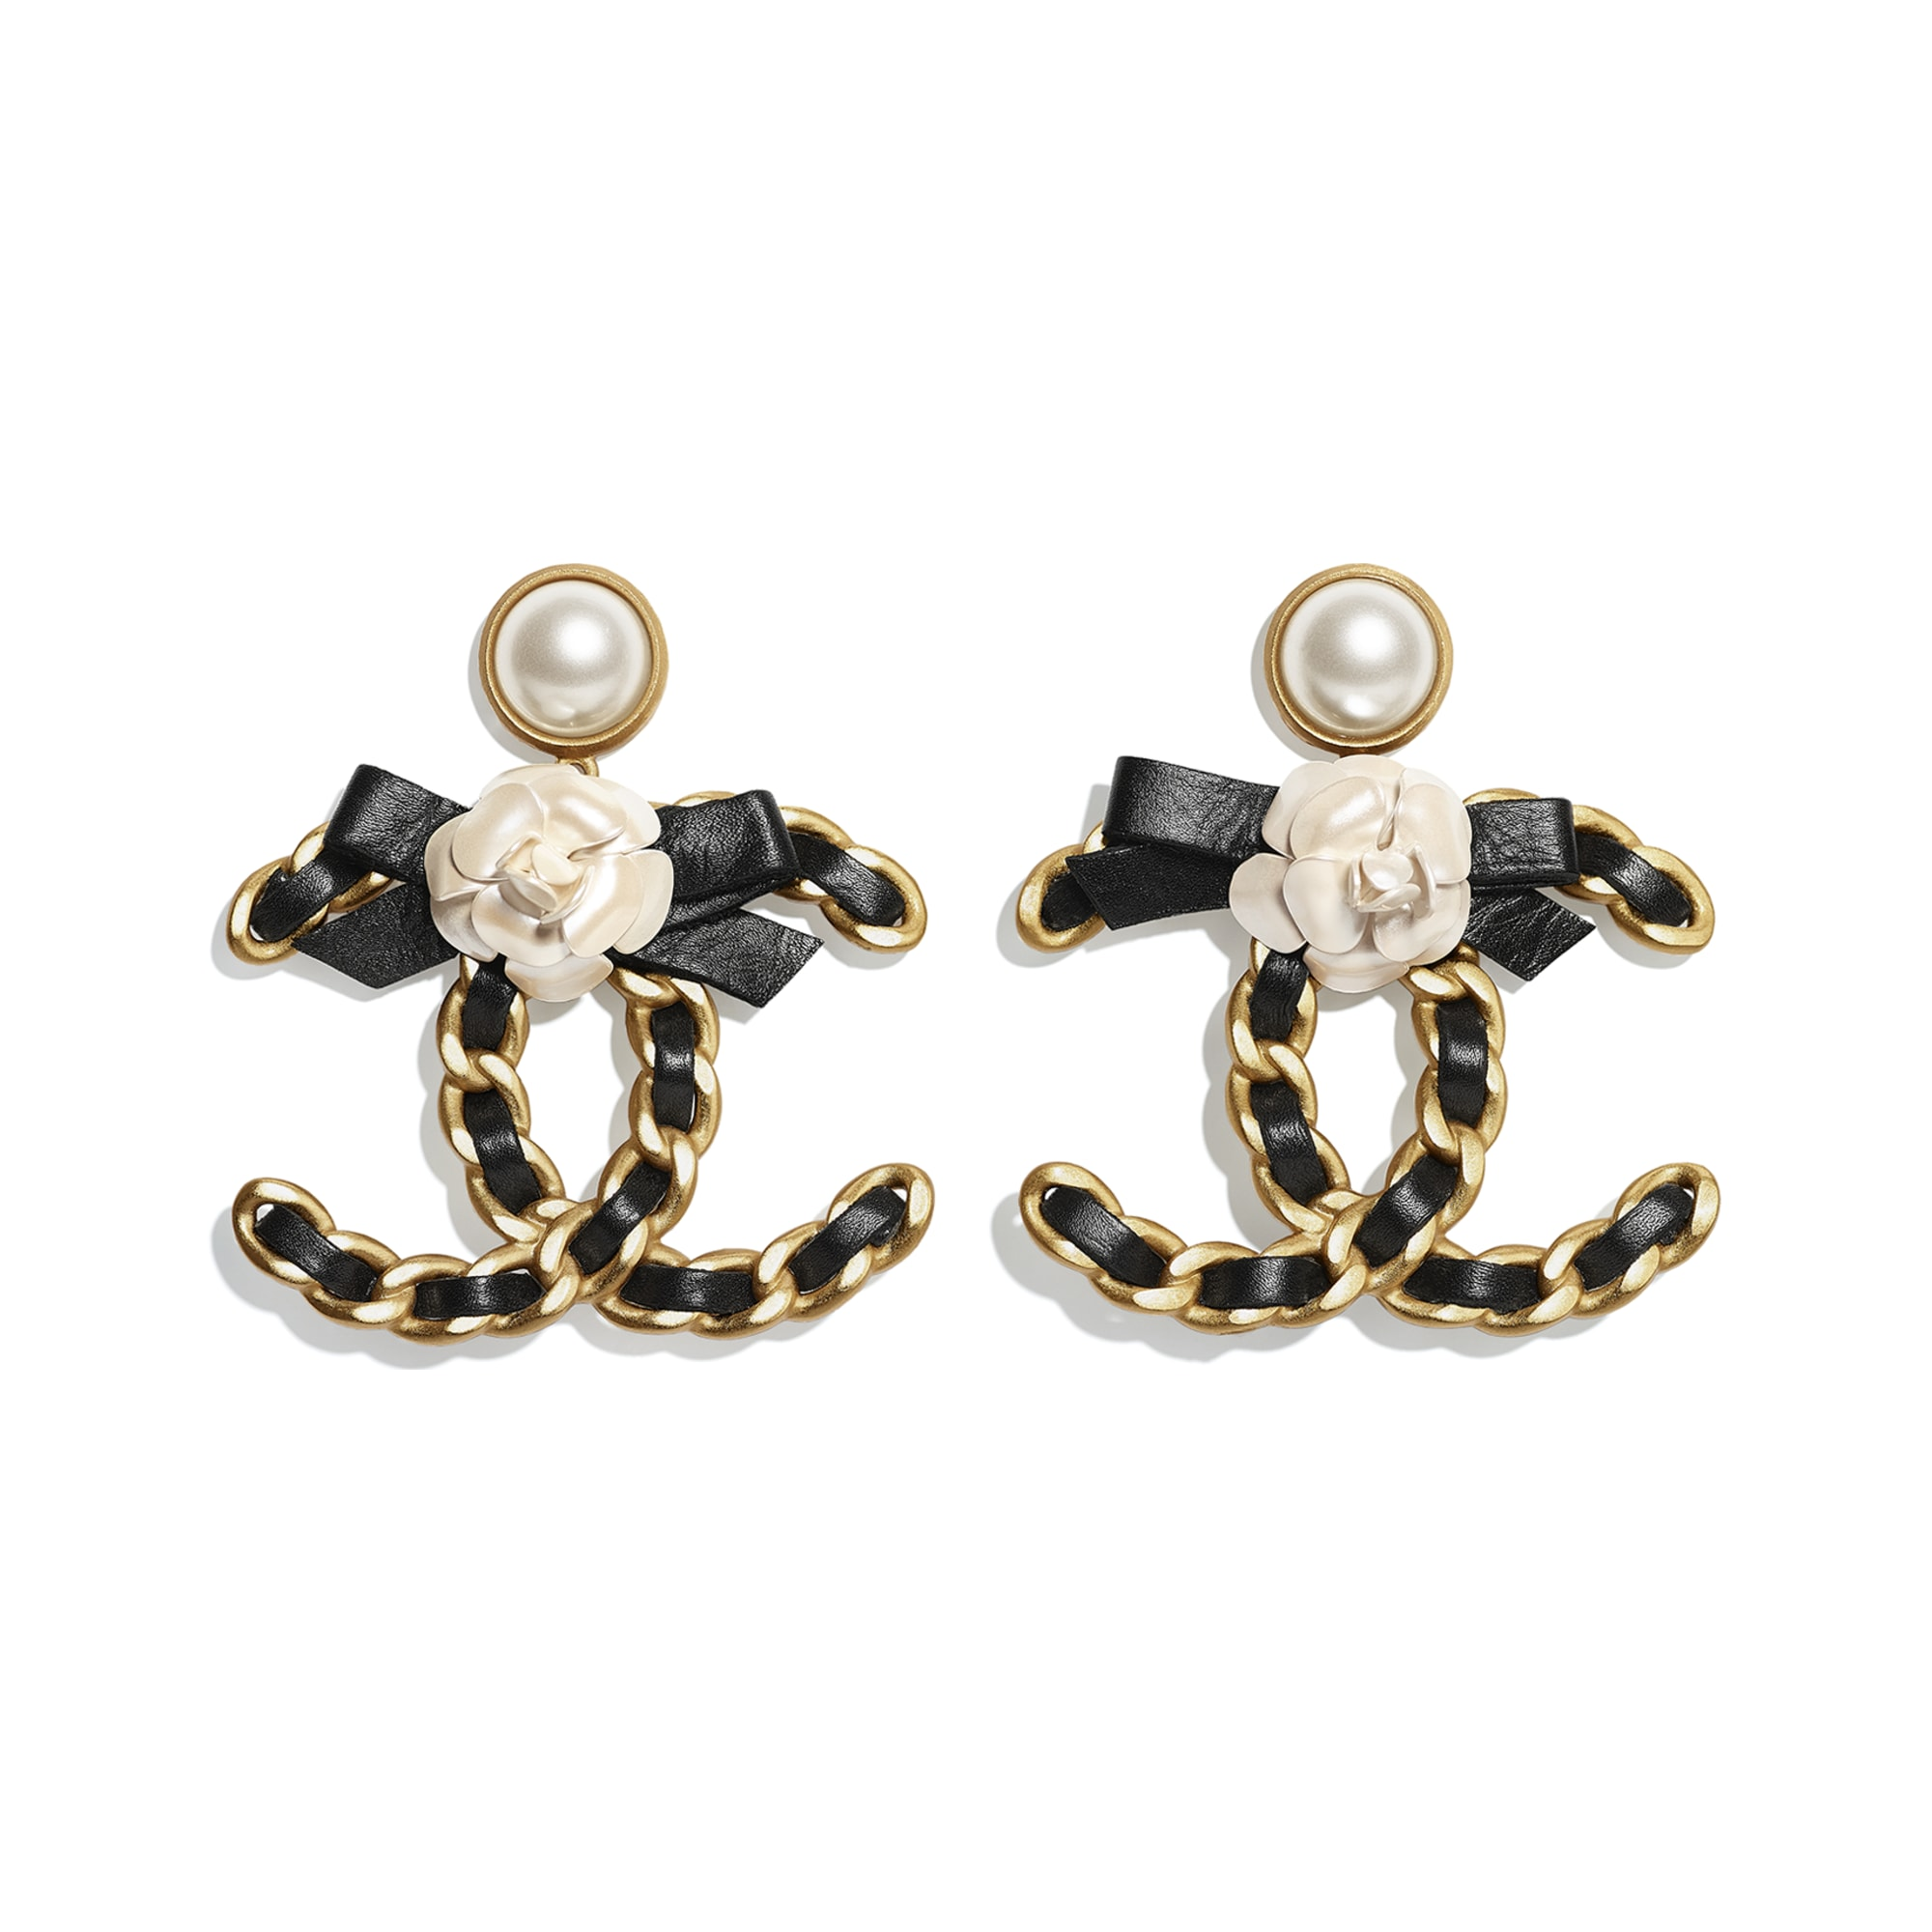 Pendientes - Dorado, blanco nacarado y negro - Metal, perlas de cristal y piel de ternera - CHANEL - Vista por defecto - ver la versión tamaño estándar